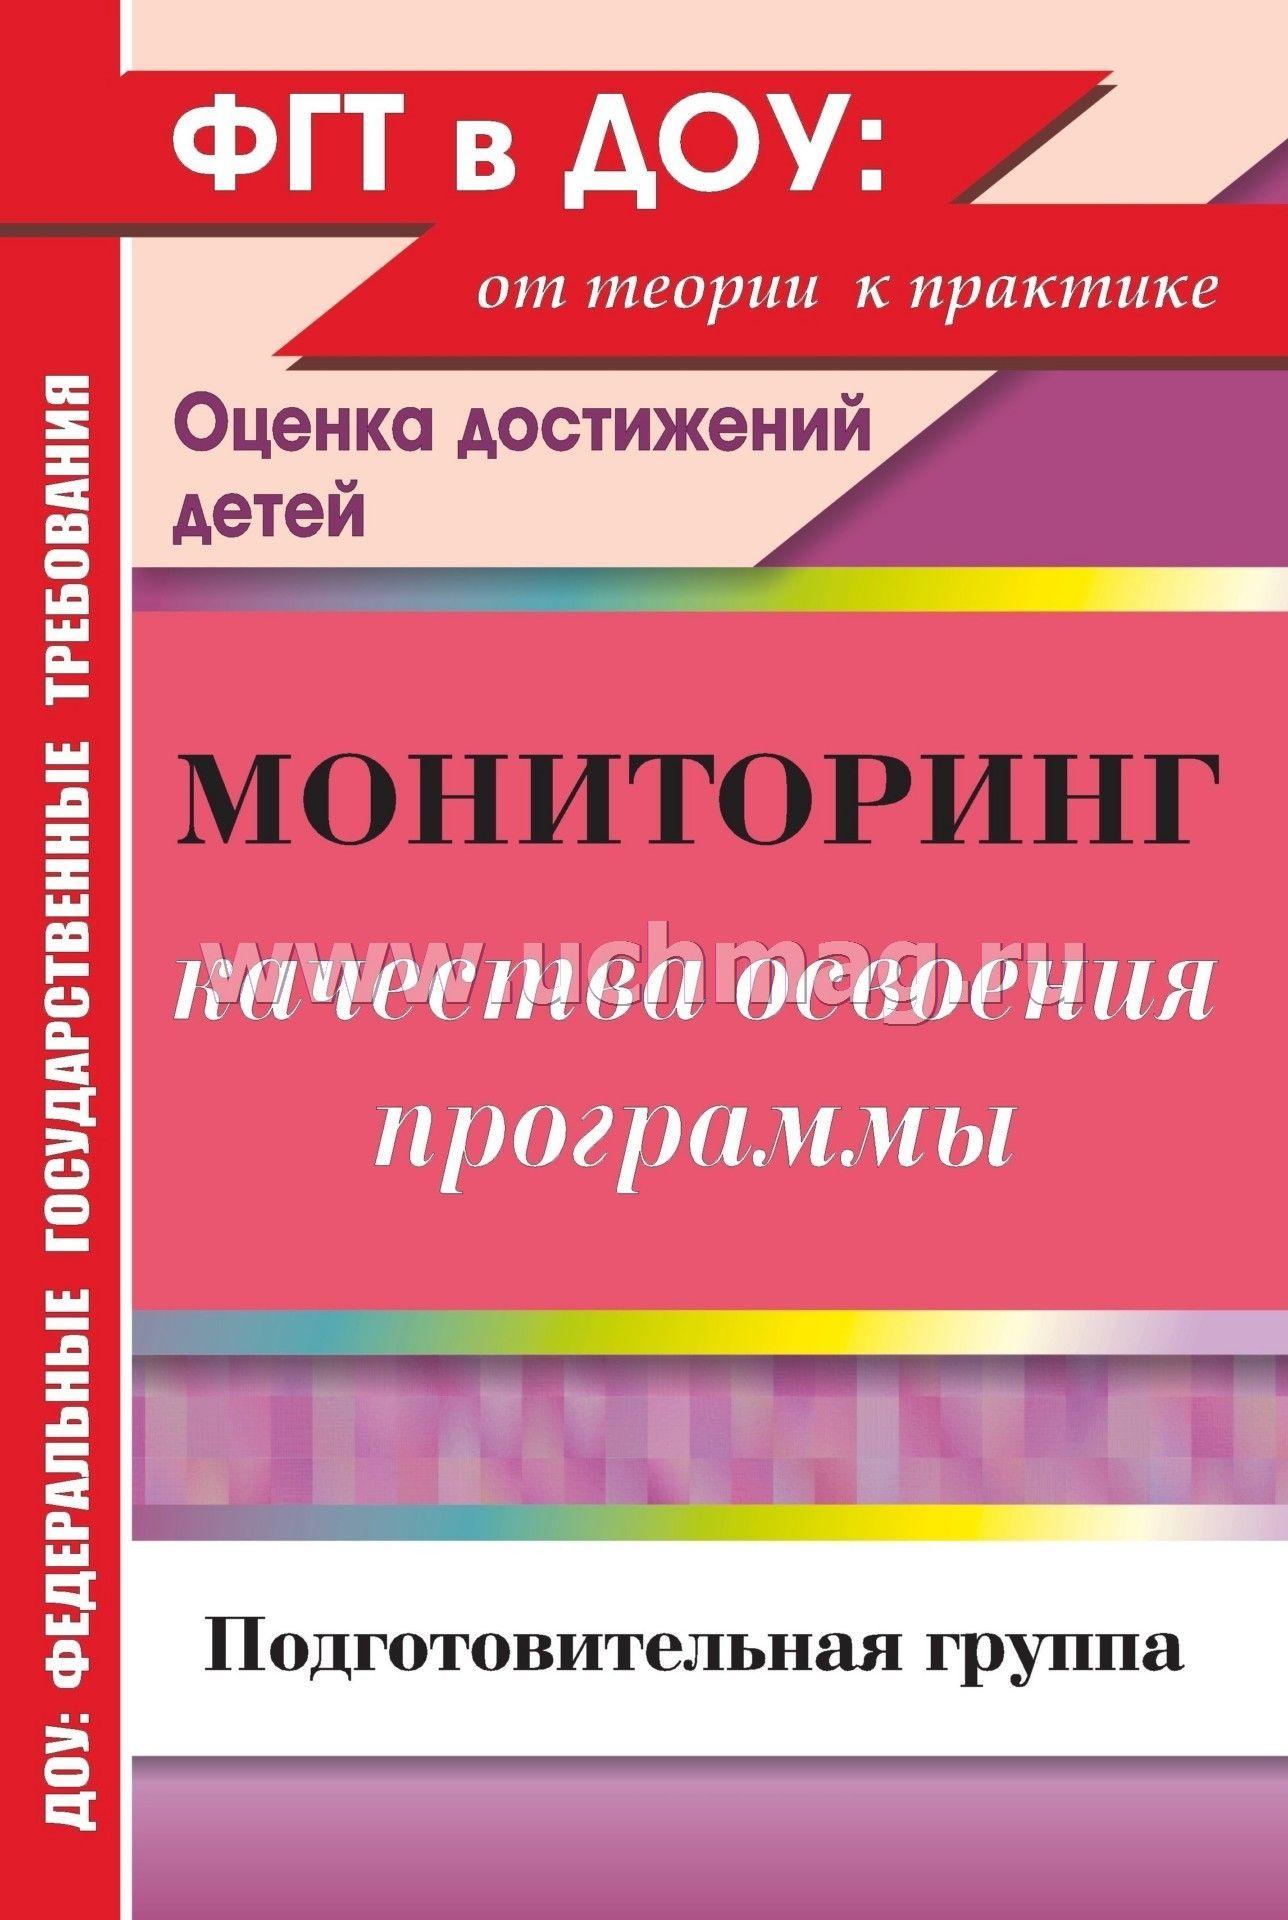 Другие книги по запросу компьютерная программа